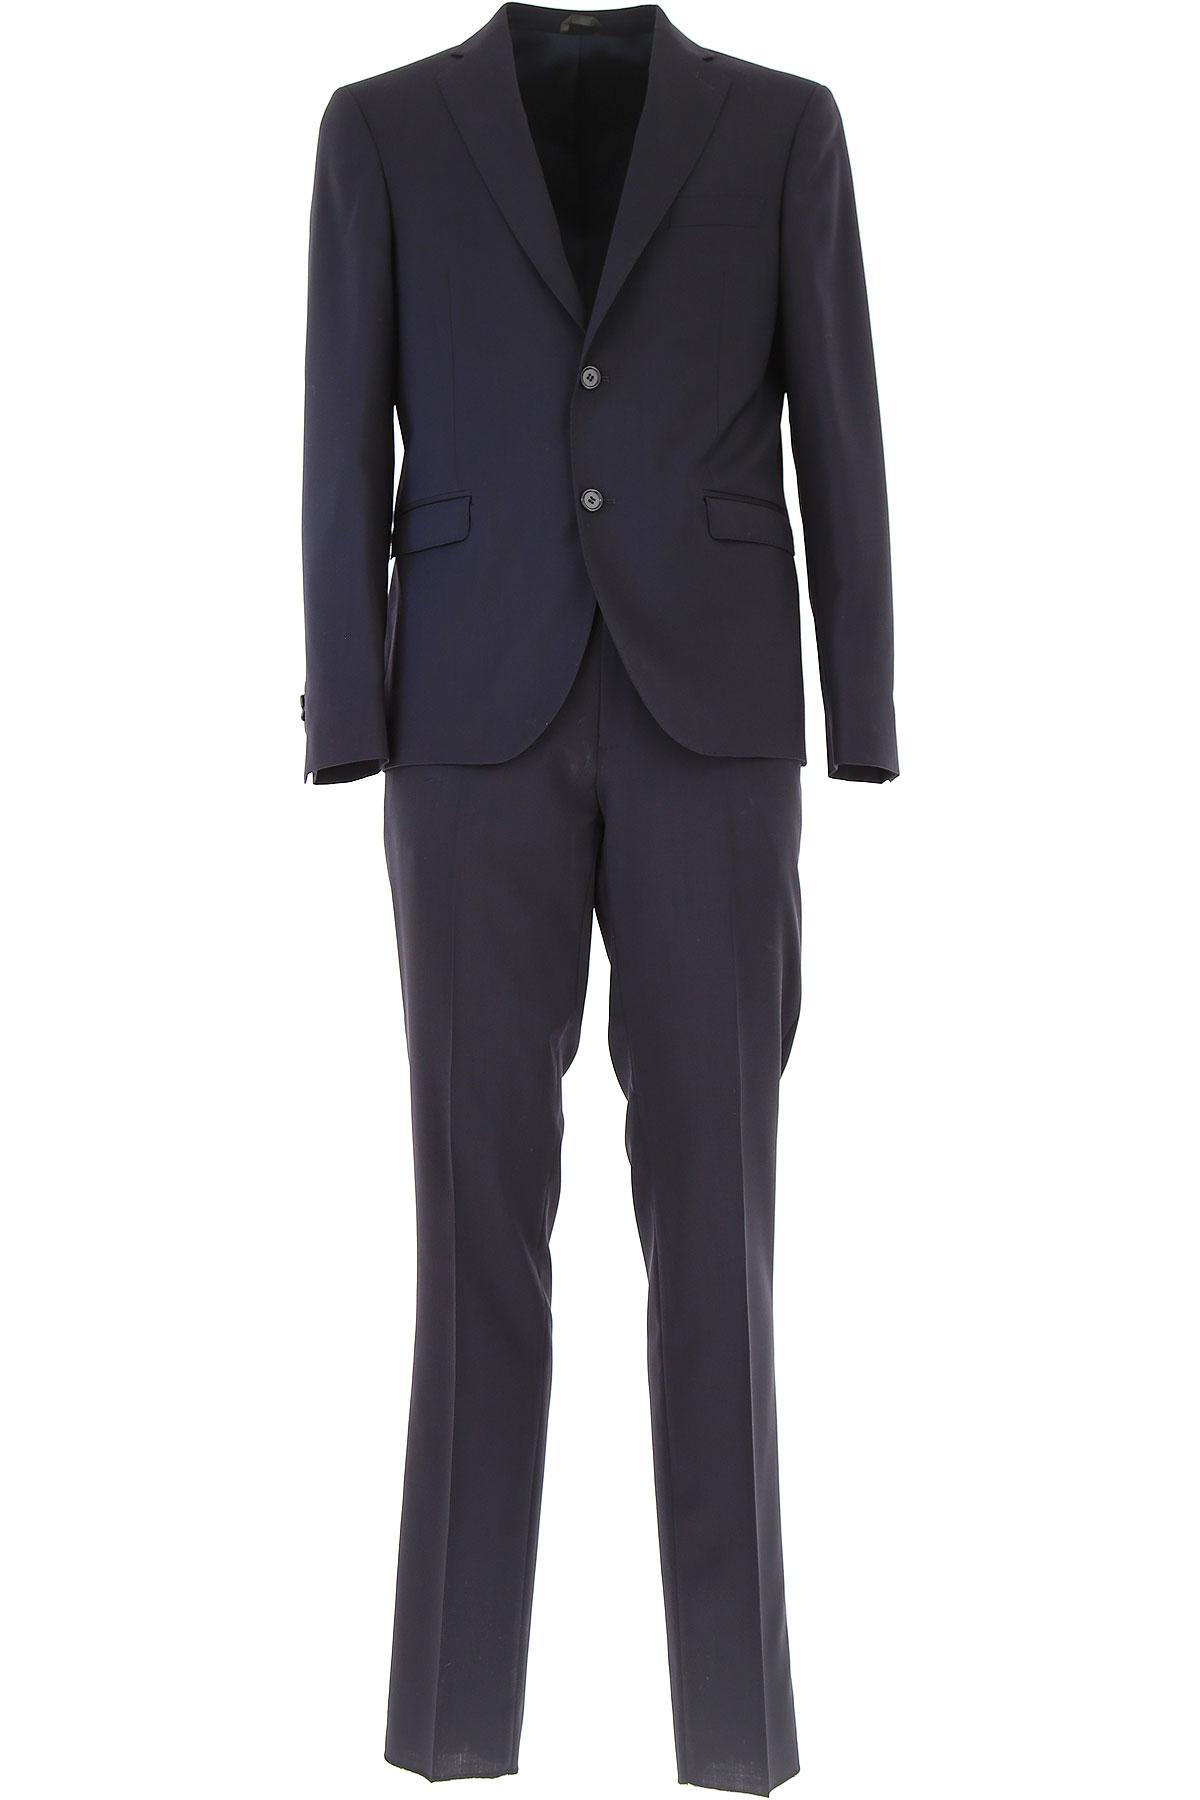 Simbols Men's Suit, Midnight Blue, Wool, 2019, L S XL XXL XXXL